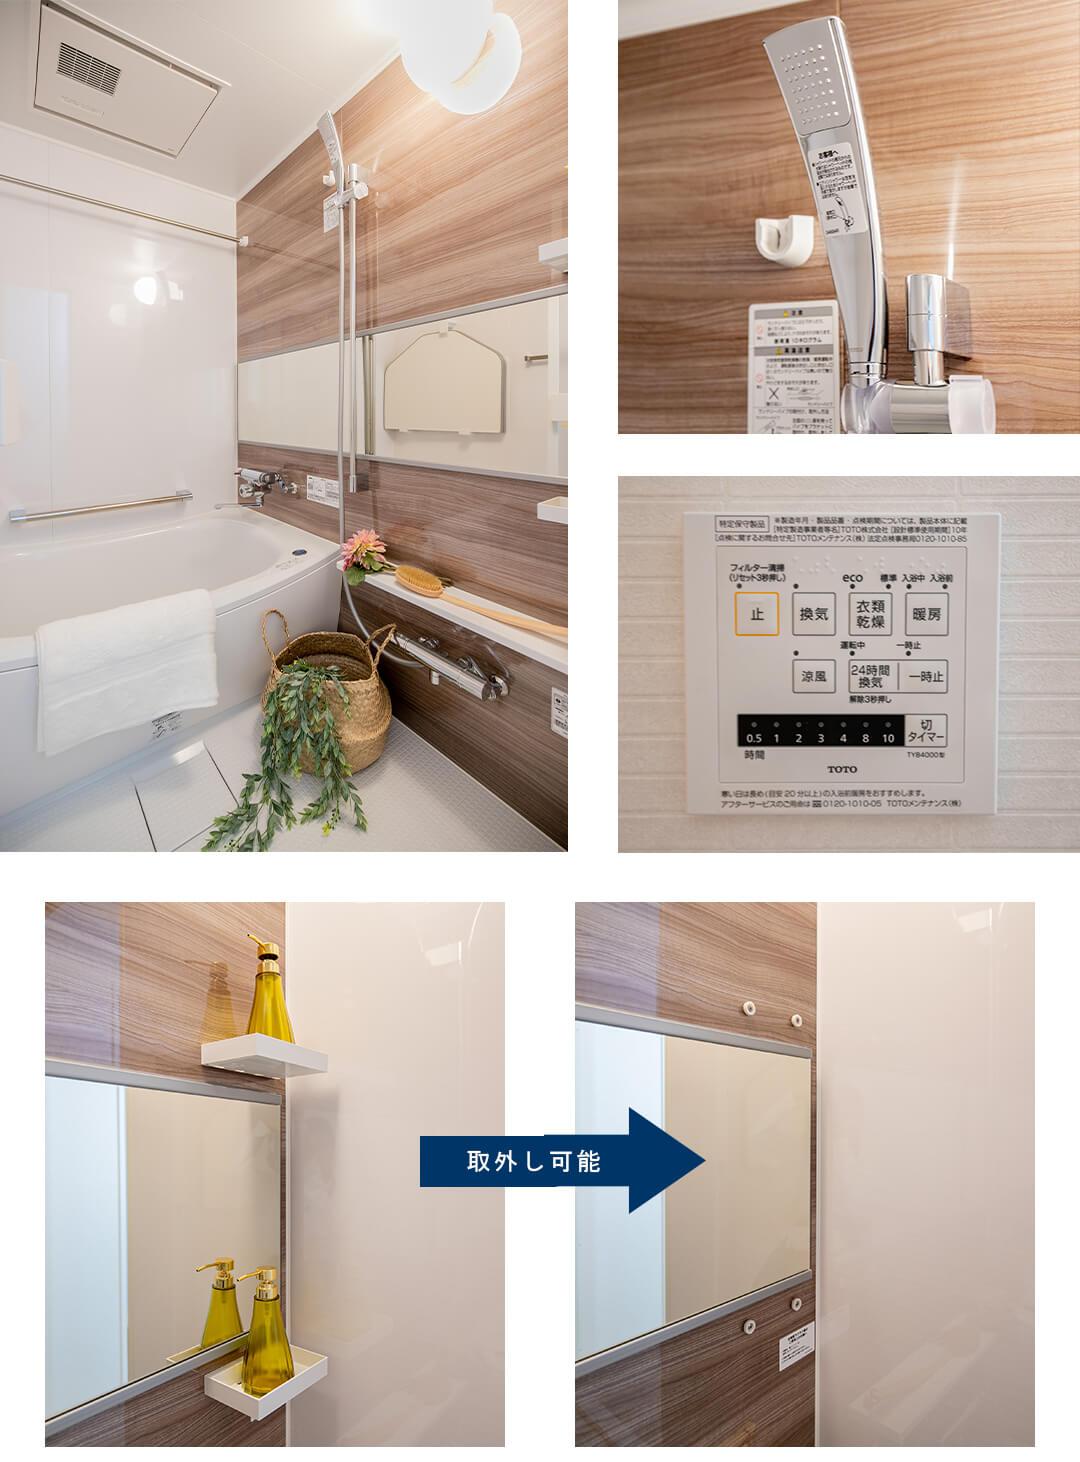 明石町ツインクロスの浴室